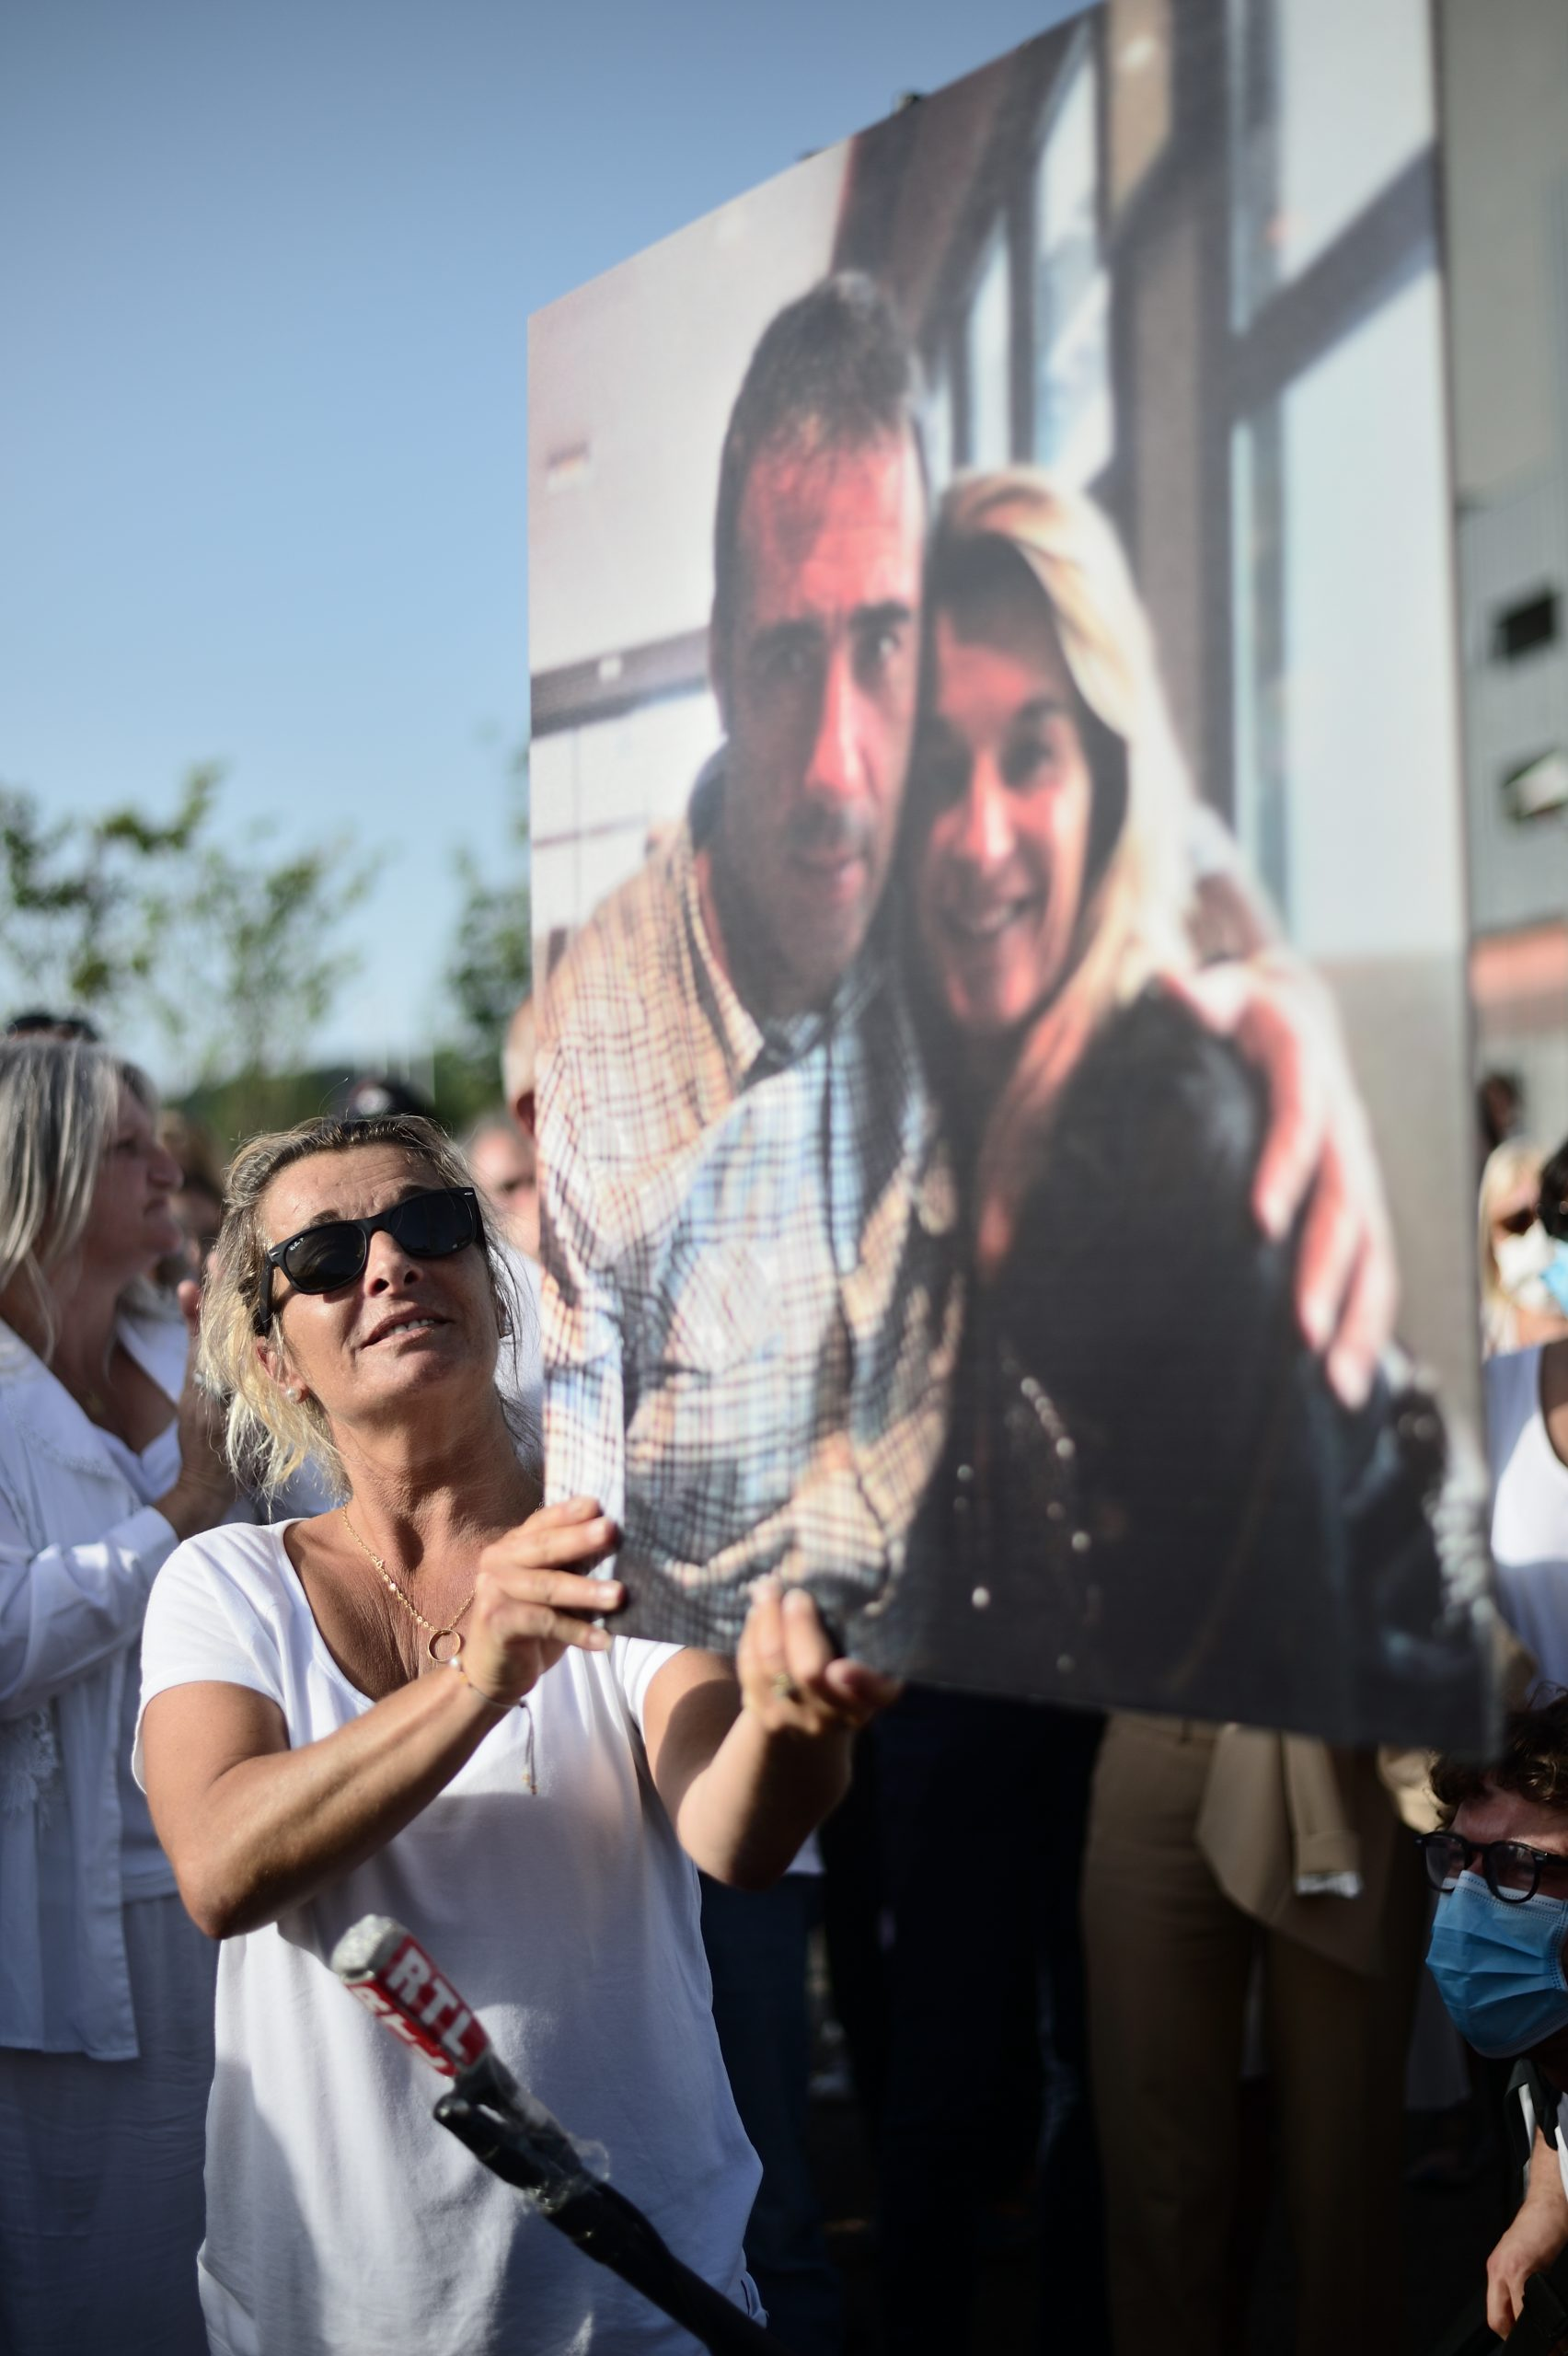 Murió el chofer de autobús agredido en Francia por exigir a pasajeros el uso de cubrebocas